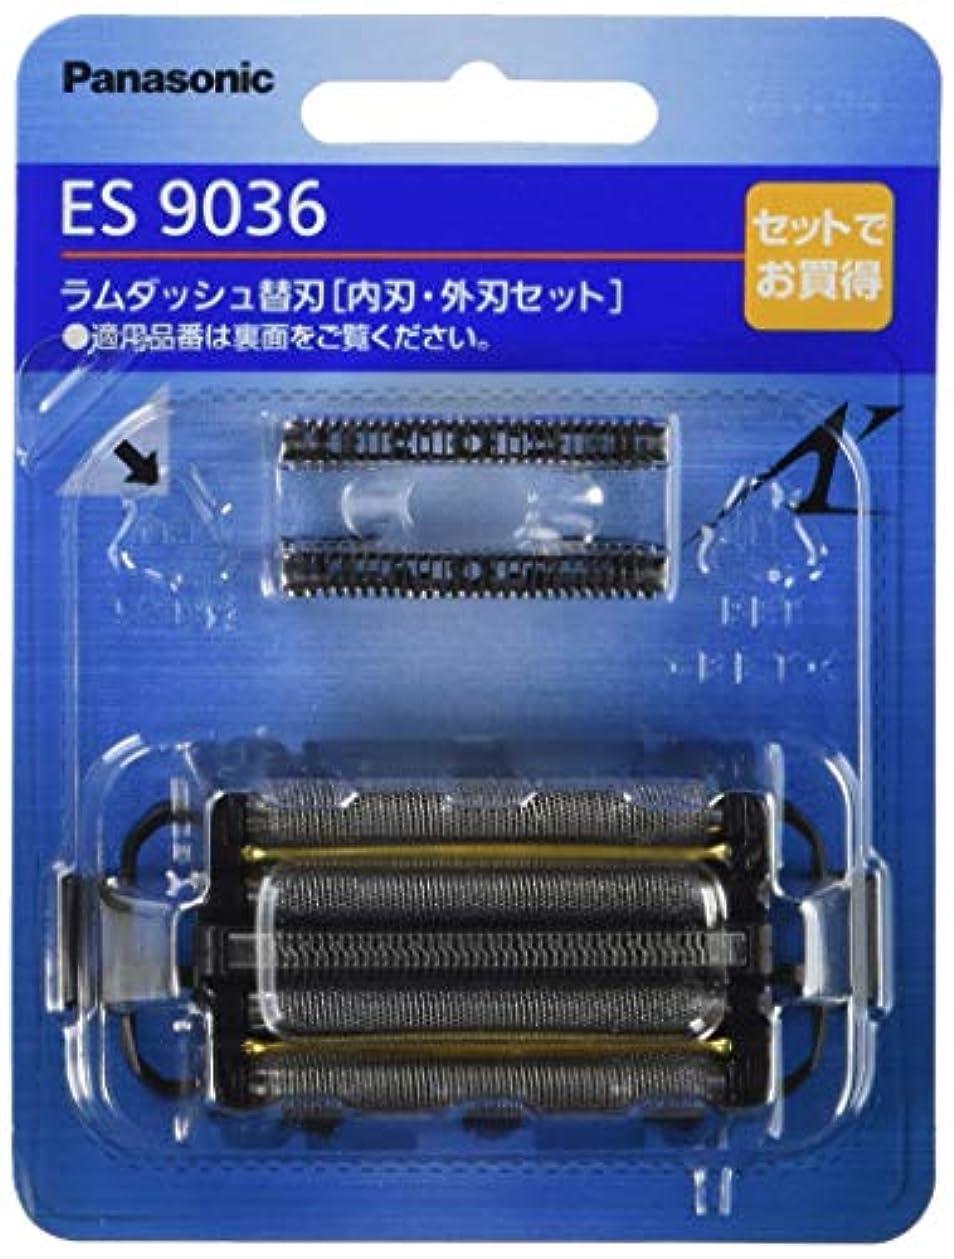 悲観主義者あそこ再開パナソニック 替刃 メンズシェーバー用 セット刃 ES9036